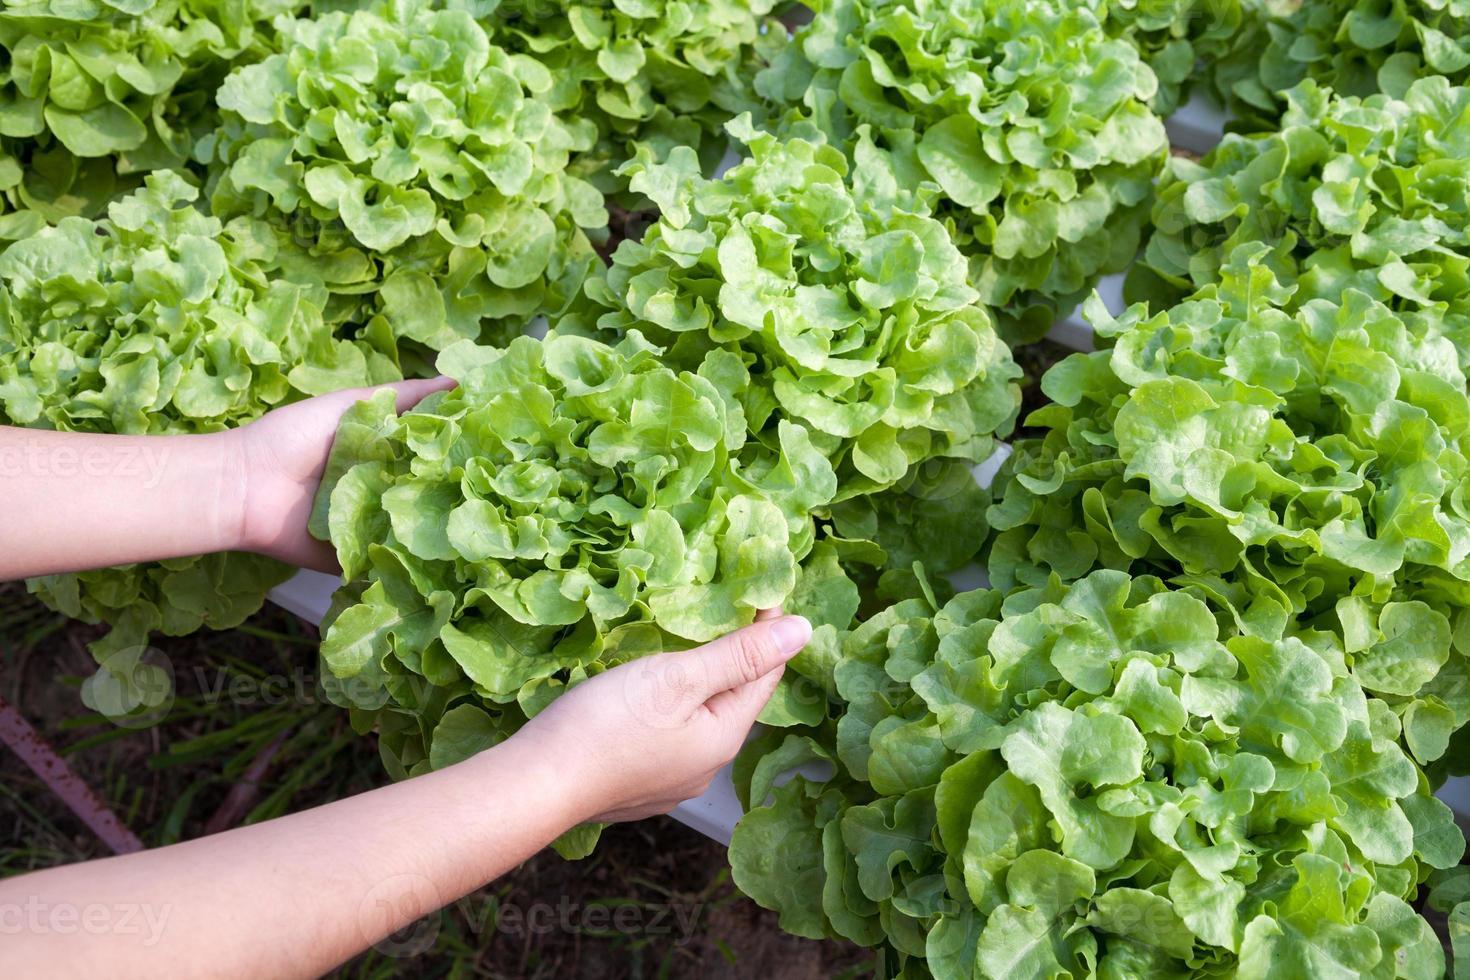 biologische hydrocultuur groente bij de hand in een tuin foto